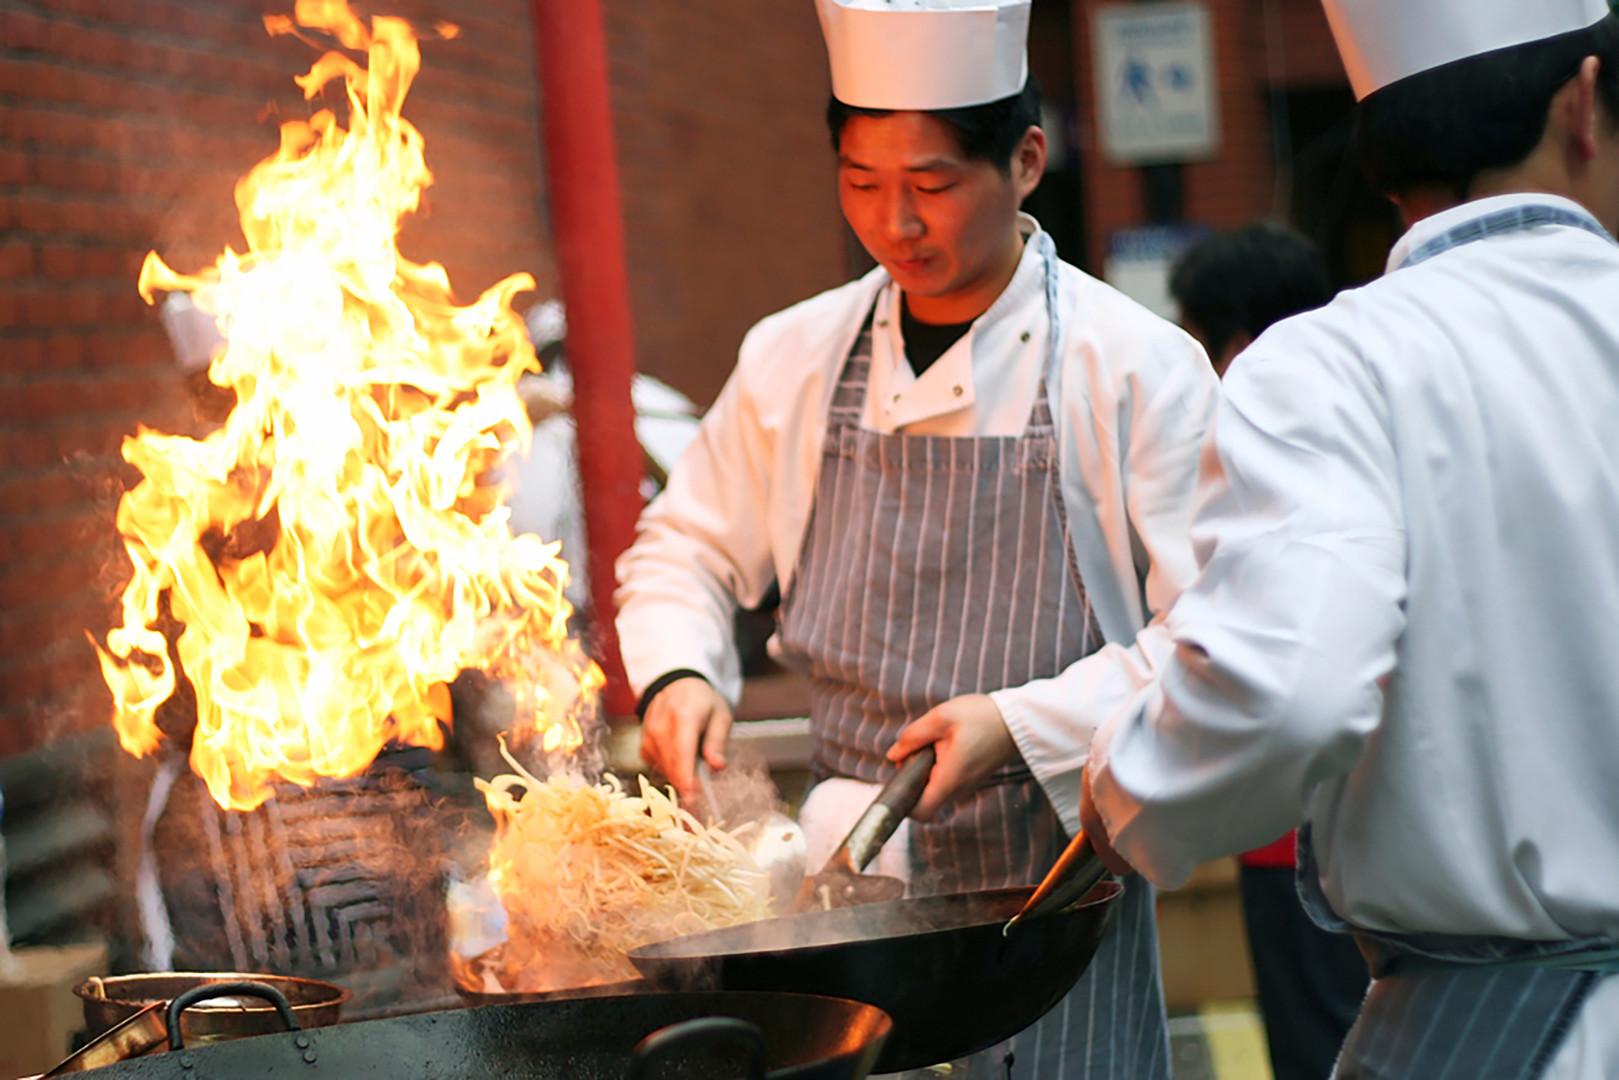 Последњих година је у Москви све више ресторана националне кухиње.